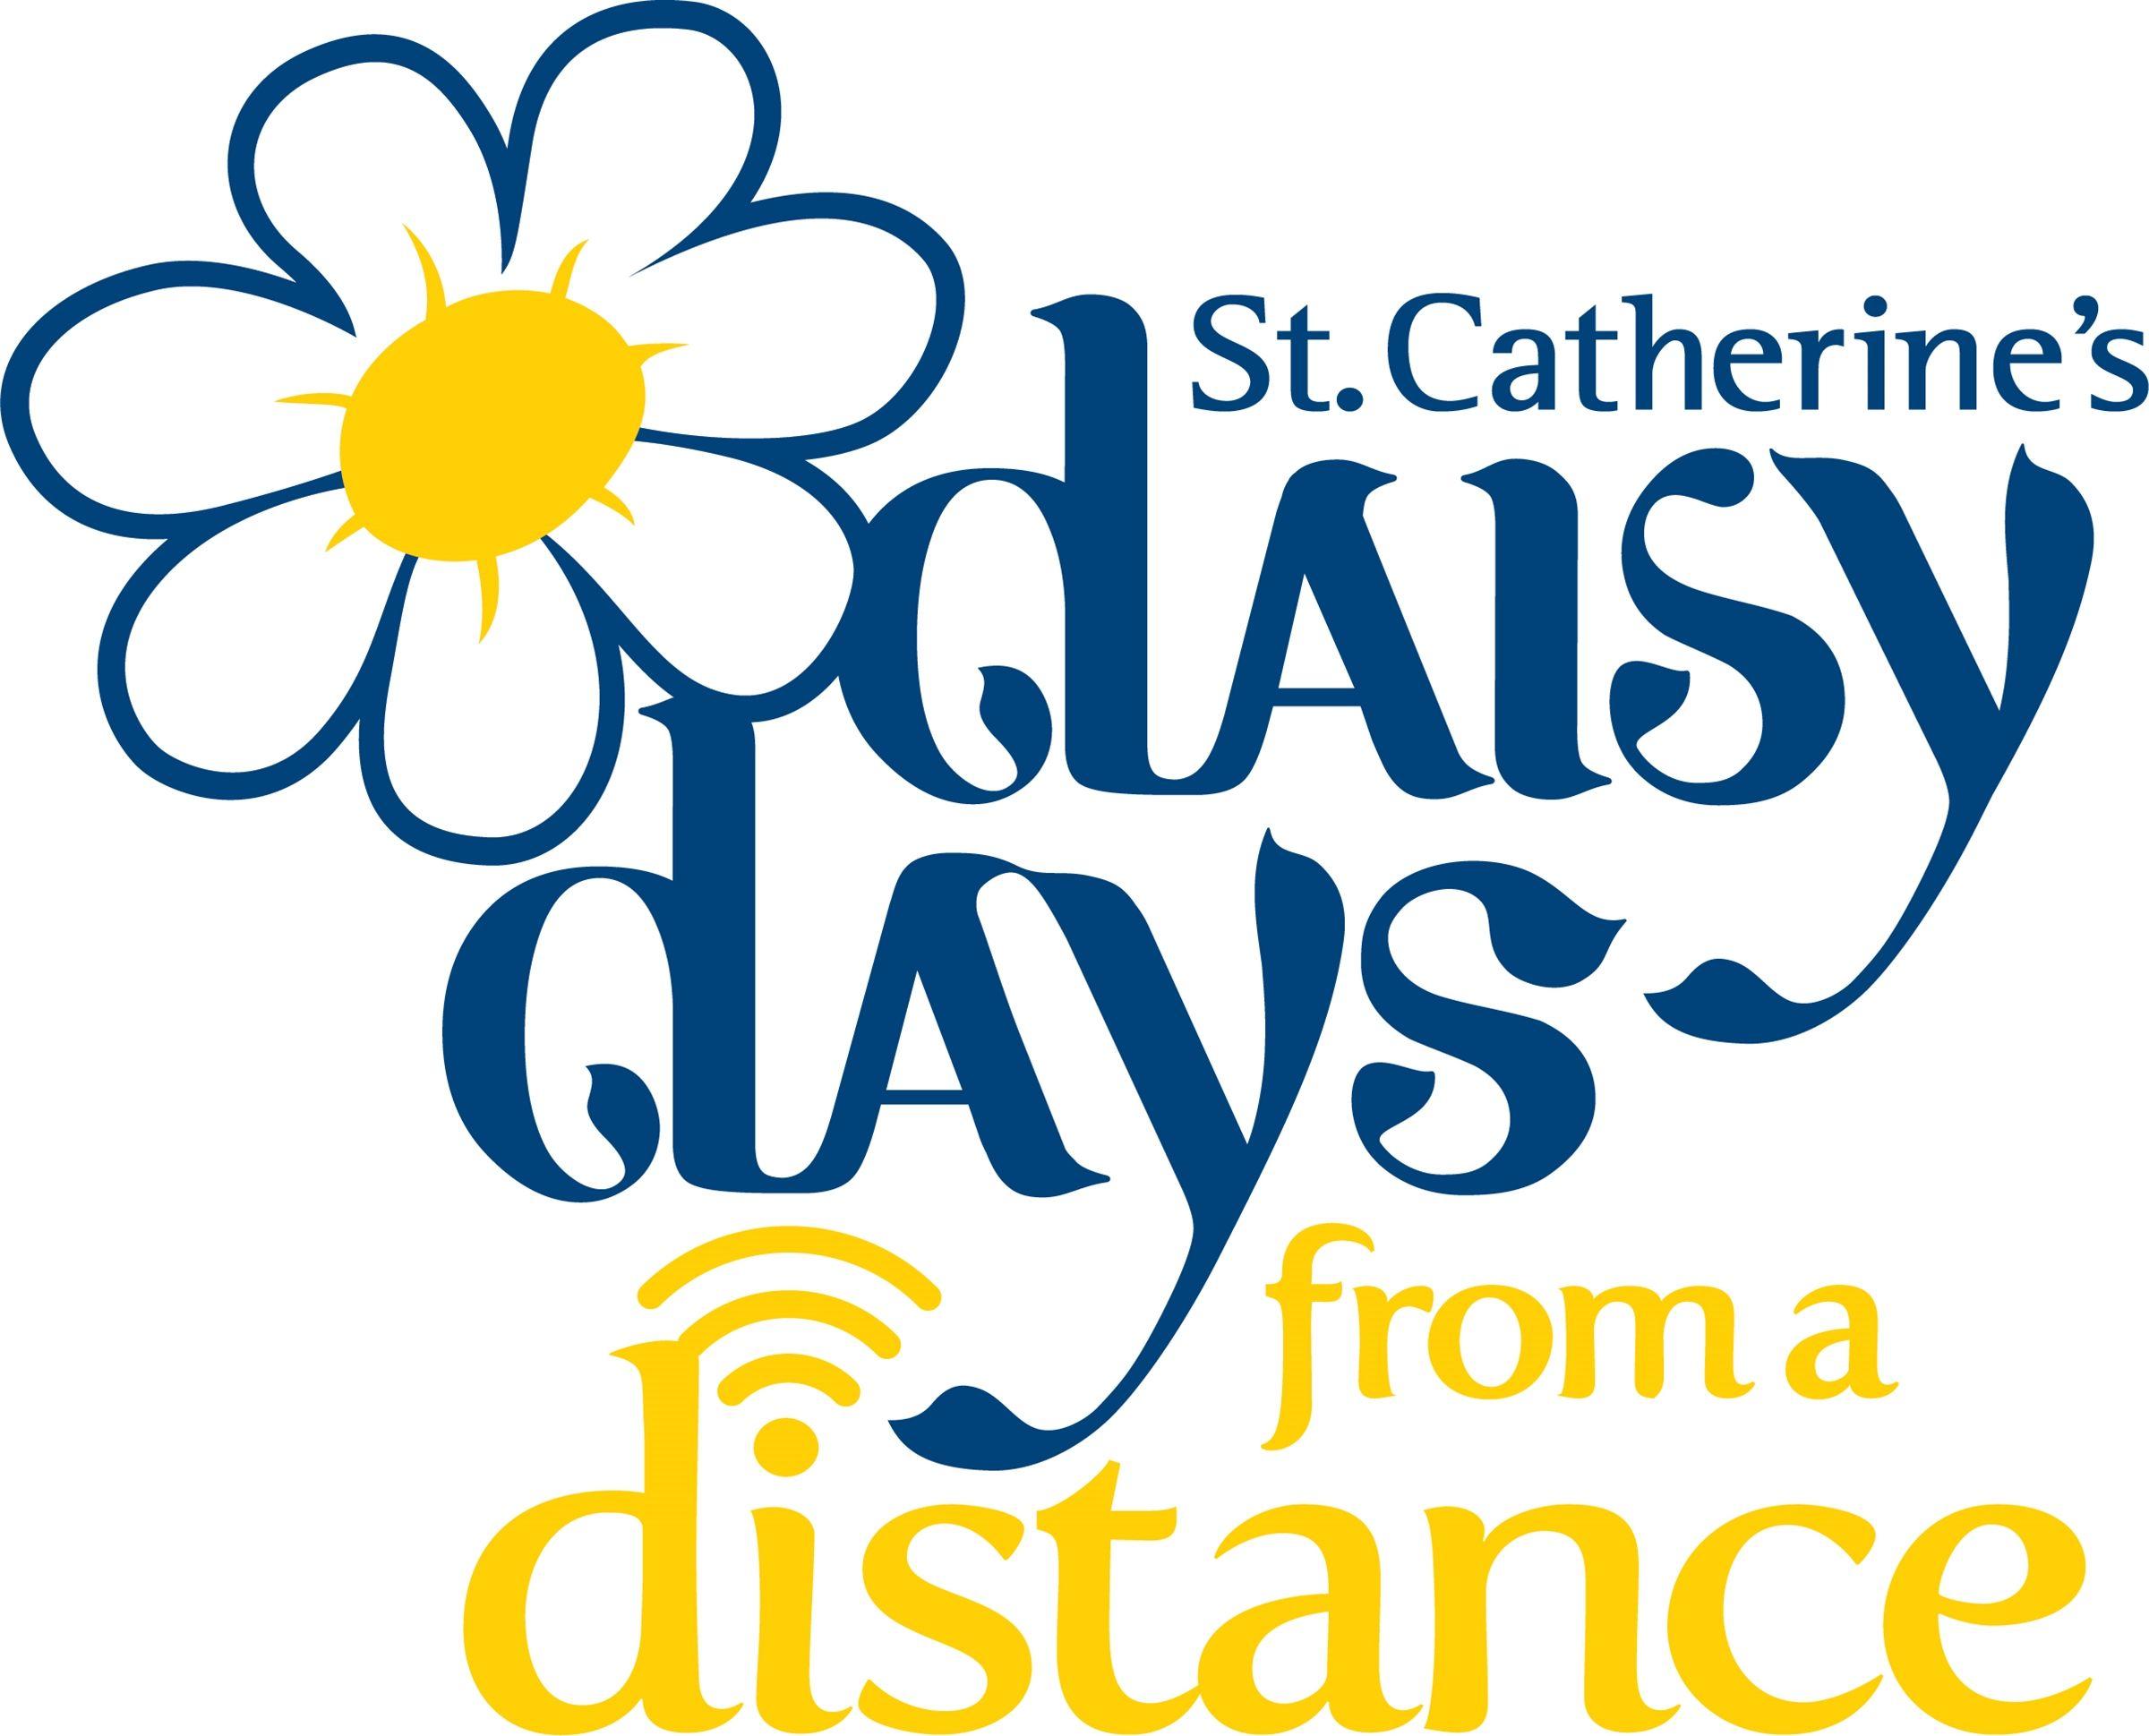 St Kates Calendar 2021 St. Catherine's School | Daisy Days